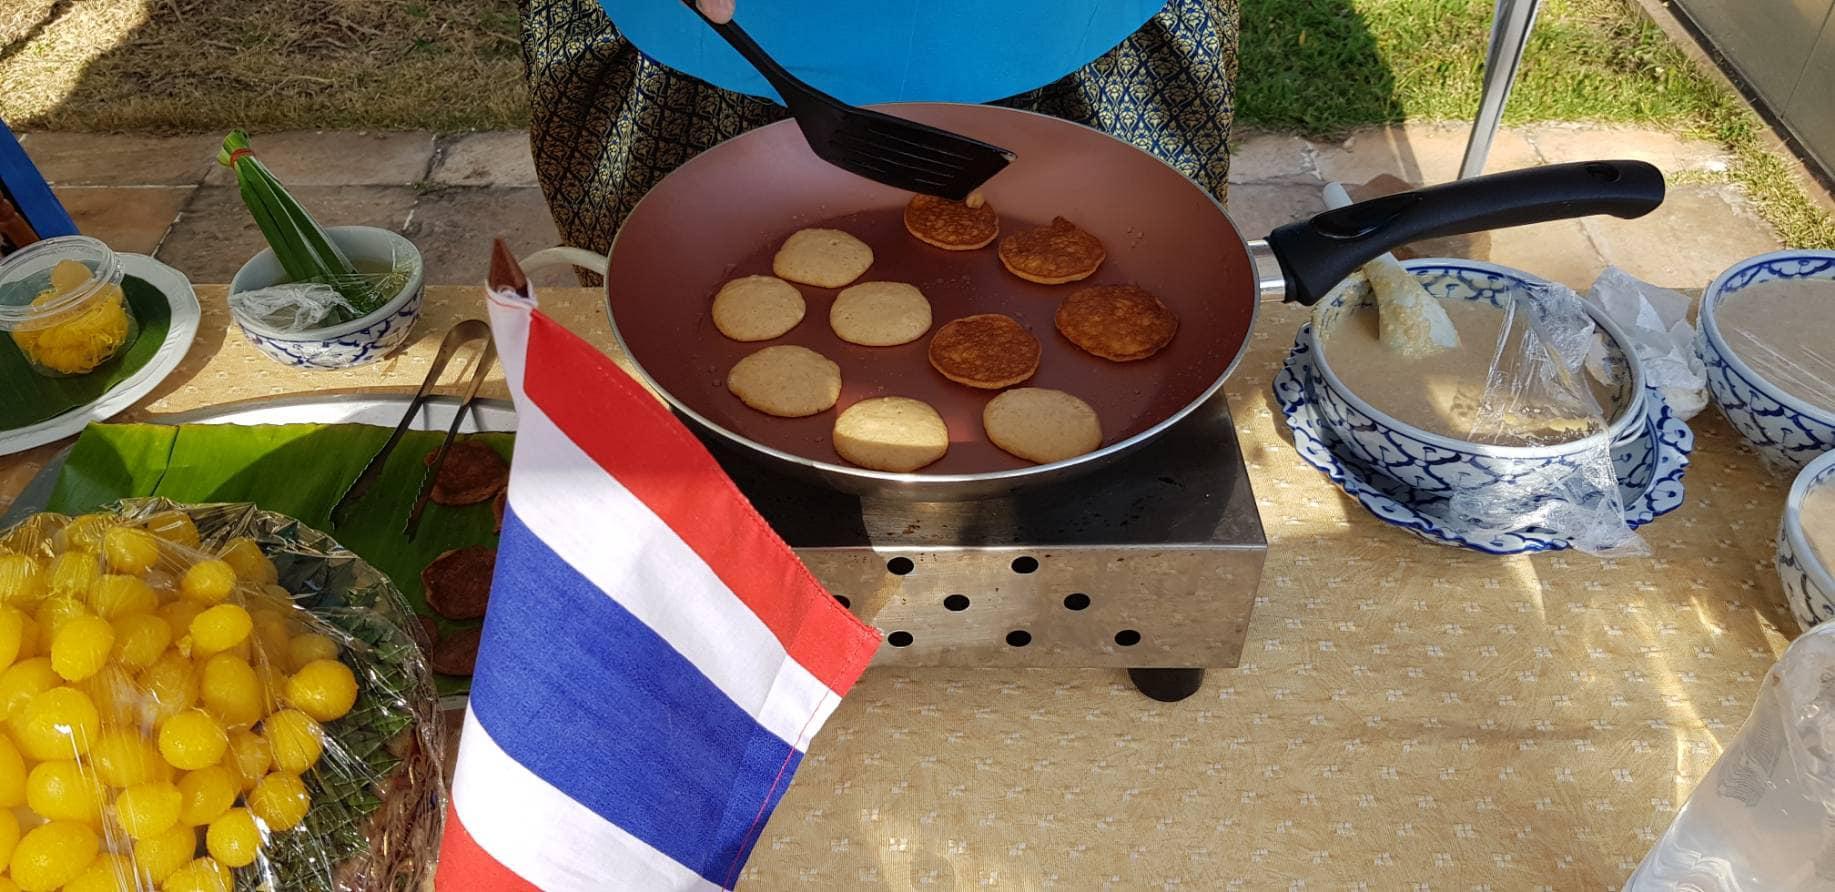 Khanom babin, sobremesa feita com coco, similar à queijadinha do Brasil